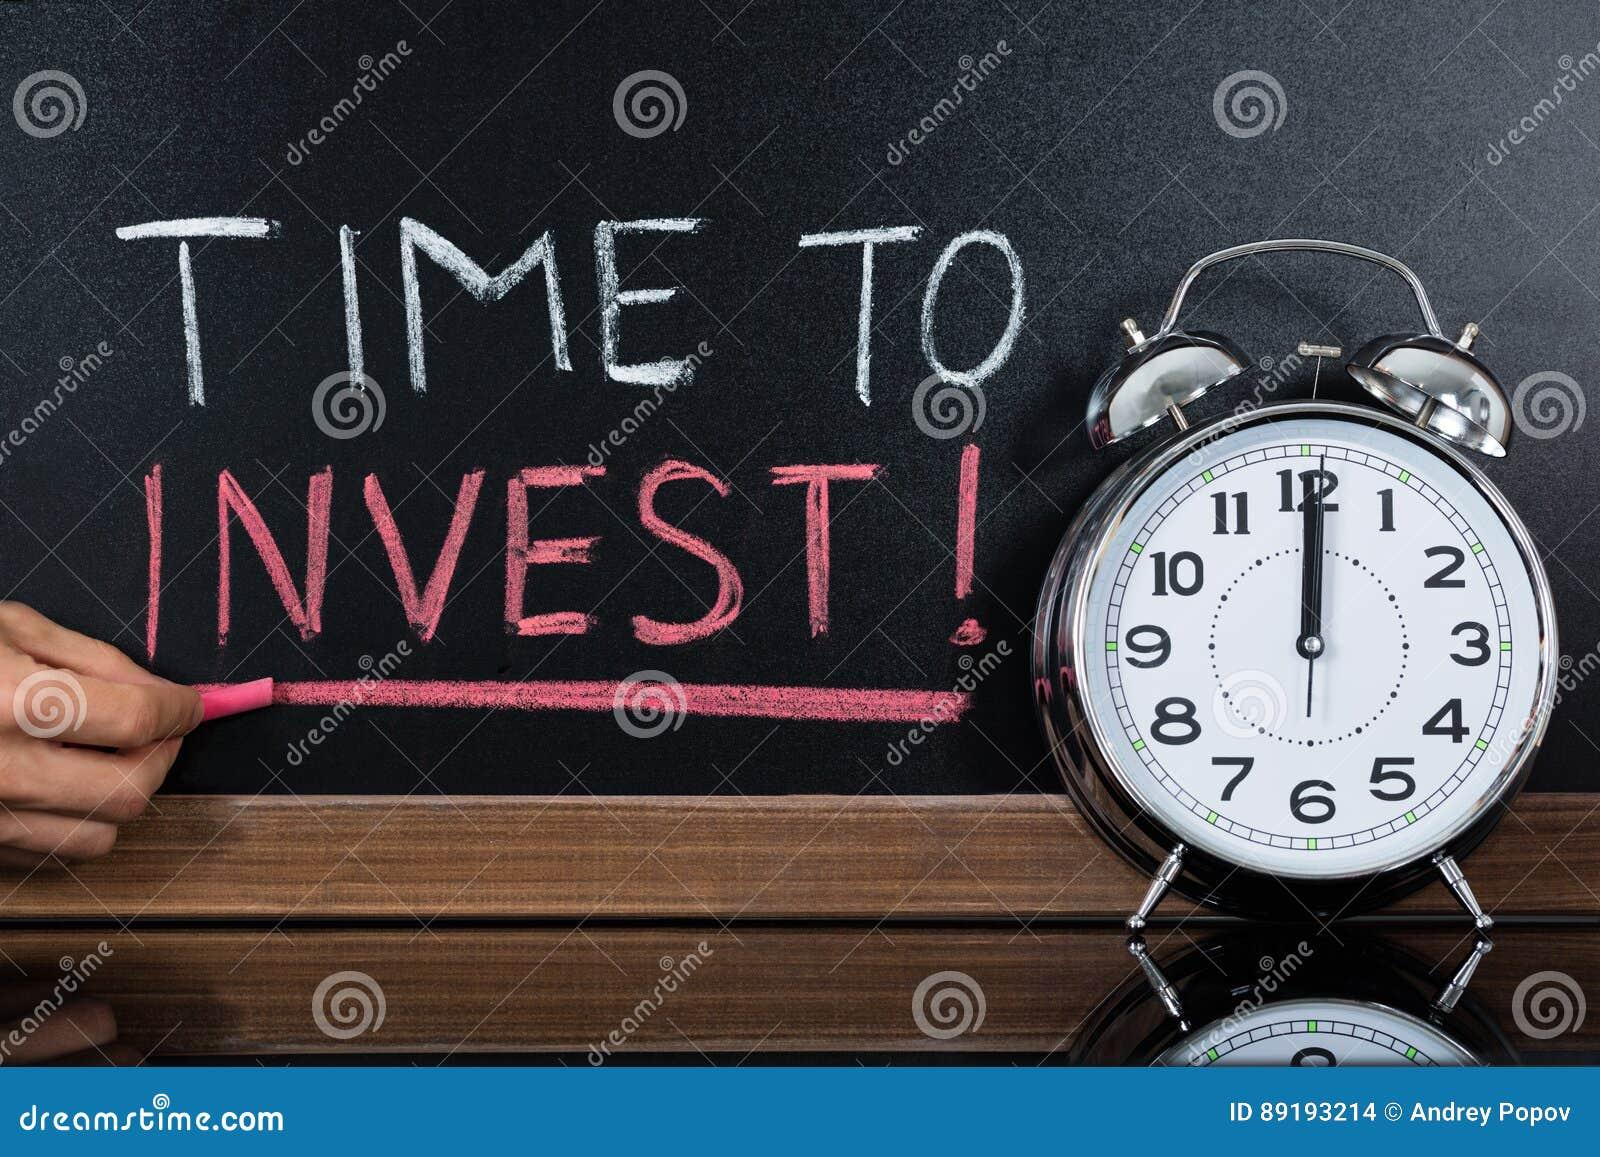 Tid som investerar begreppet som är skriftligt på svart tavla